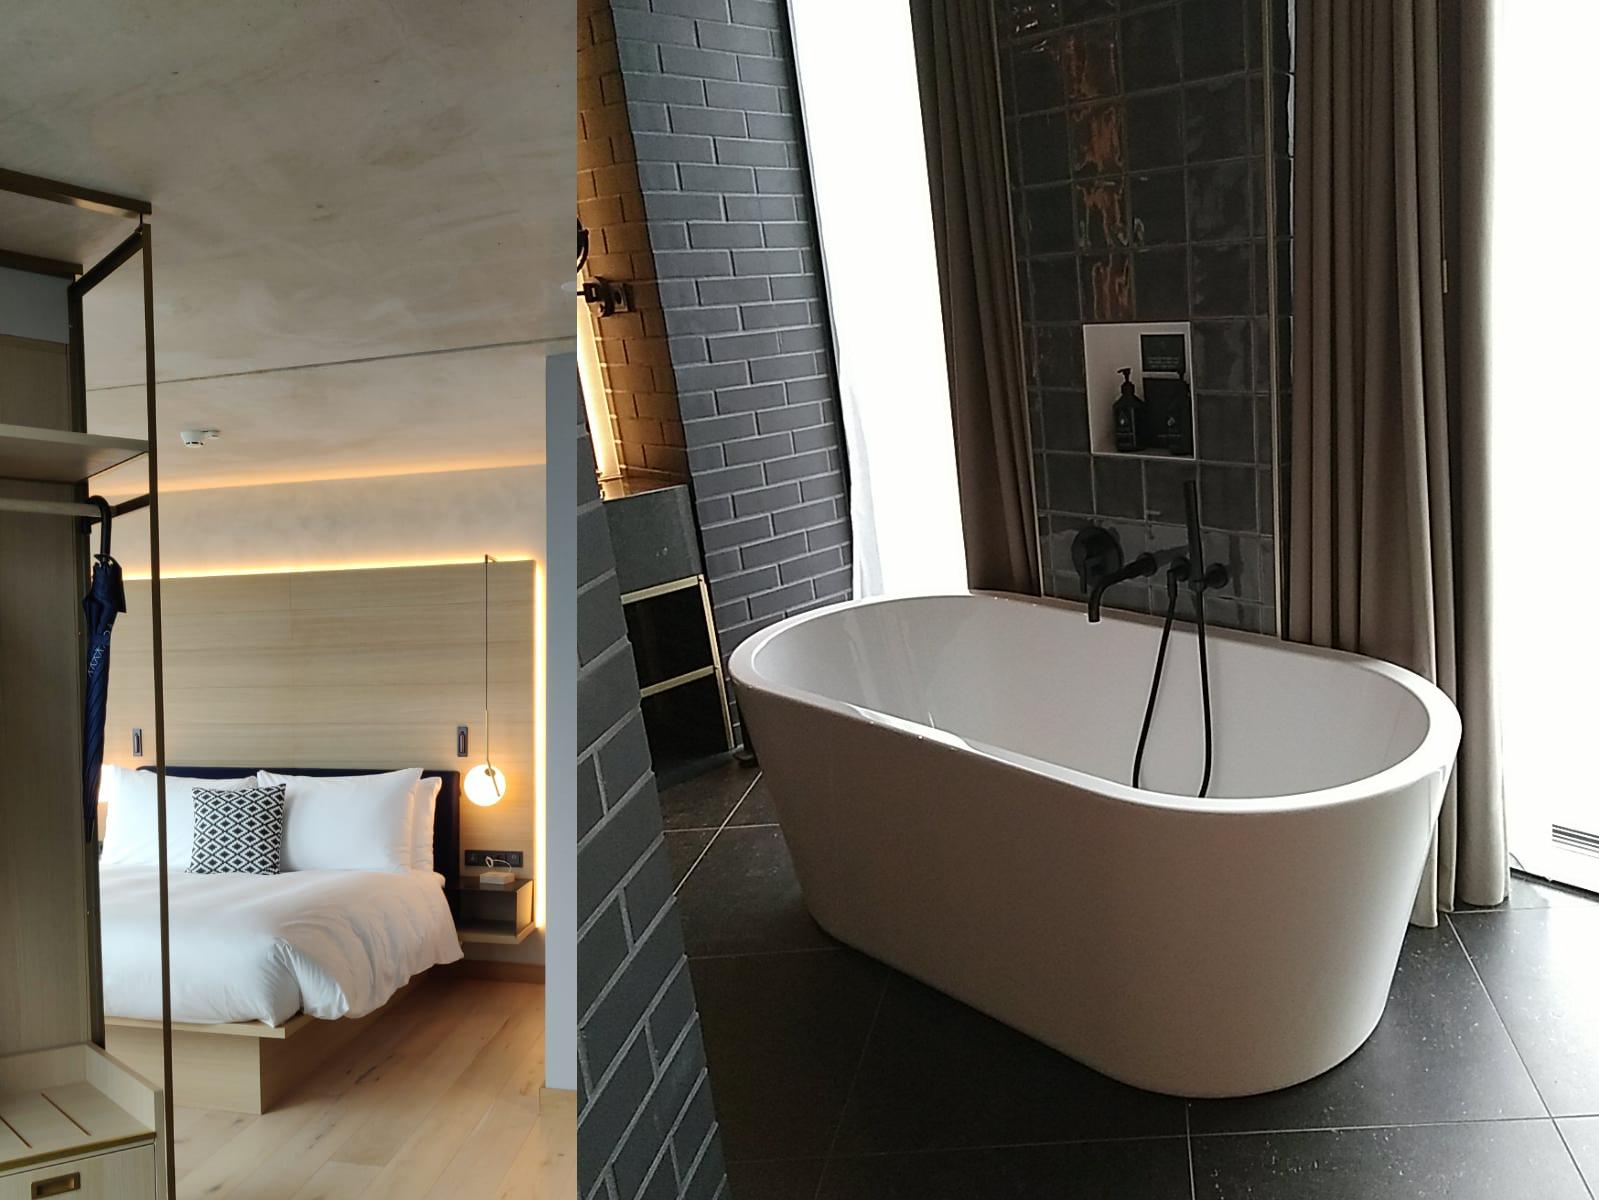 Luxe Badkamer Hotel : Hotspot: duurzame luxe bij qo hotel amsterdam het zero waste project